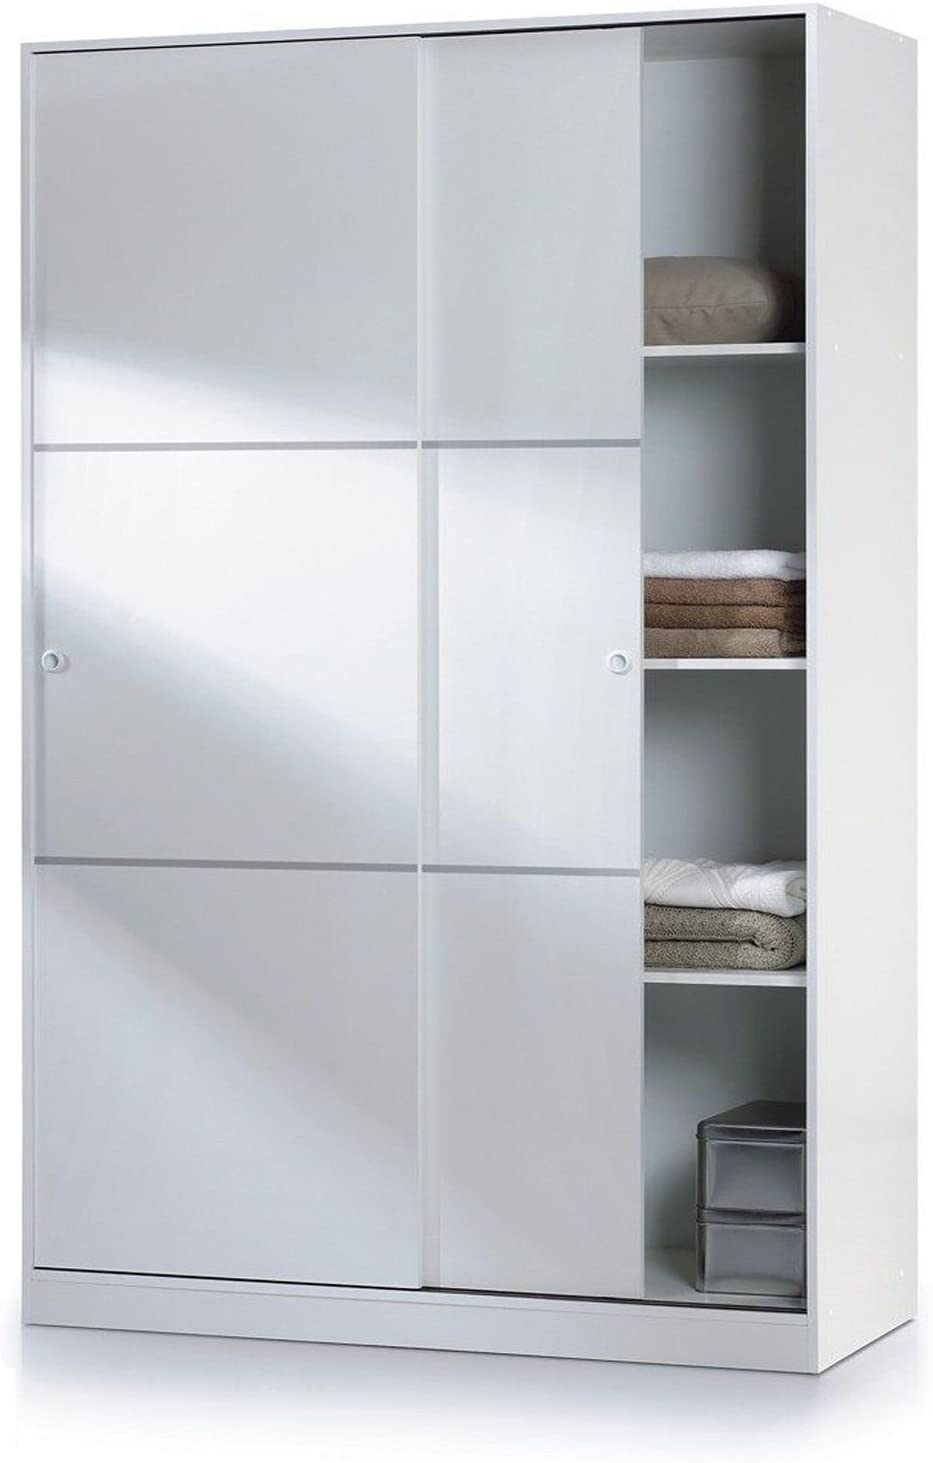 Habitdesign MAX020BO- Armario 2 Puertas Correderas y Estantes, para Dormitorio o Habitacion,Acabado en Blanco Brillo, Medidas: 120 cm (Largo) x 200 cm (Alto) x 50 cm (Fondo)